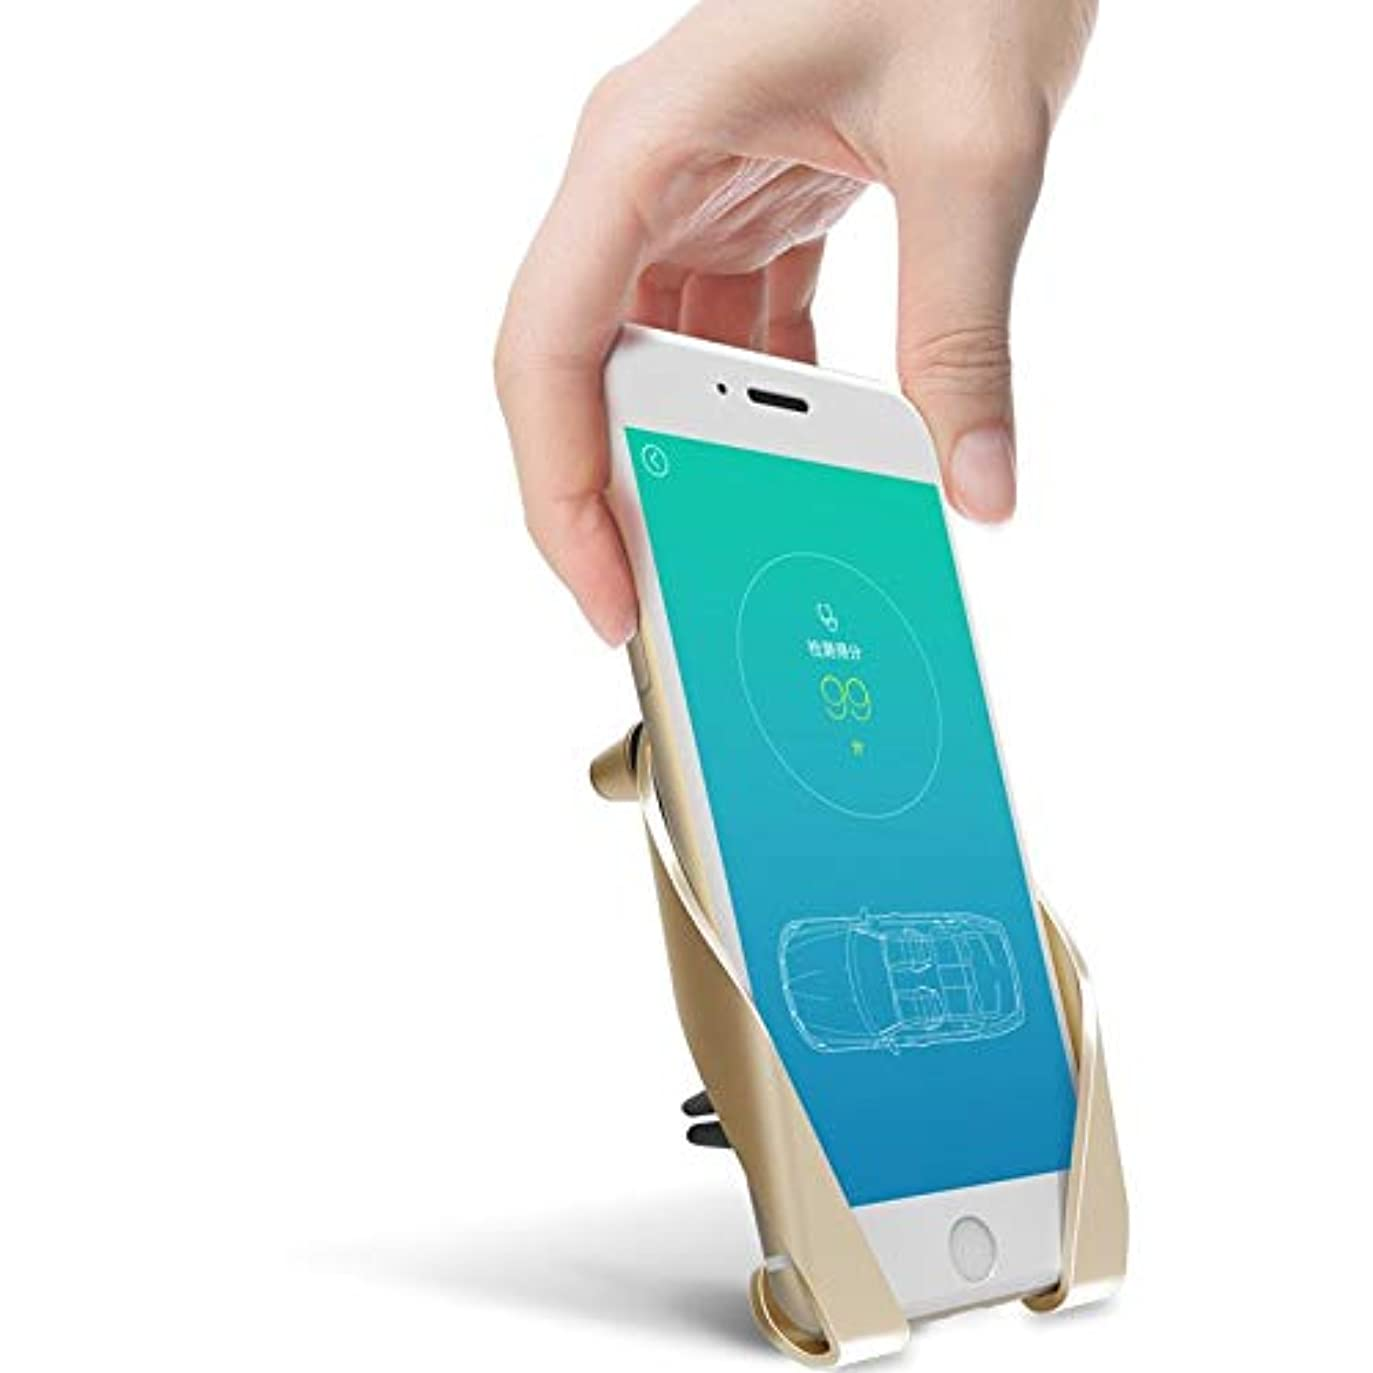 寓話手術ひどいJicorzo - サムスンiPhone用ユニバーサルカーベント携帯電話ホルダーカープラスチック製エアアウトレットアジャスタブル電話スタンドホルダー